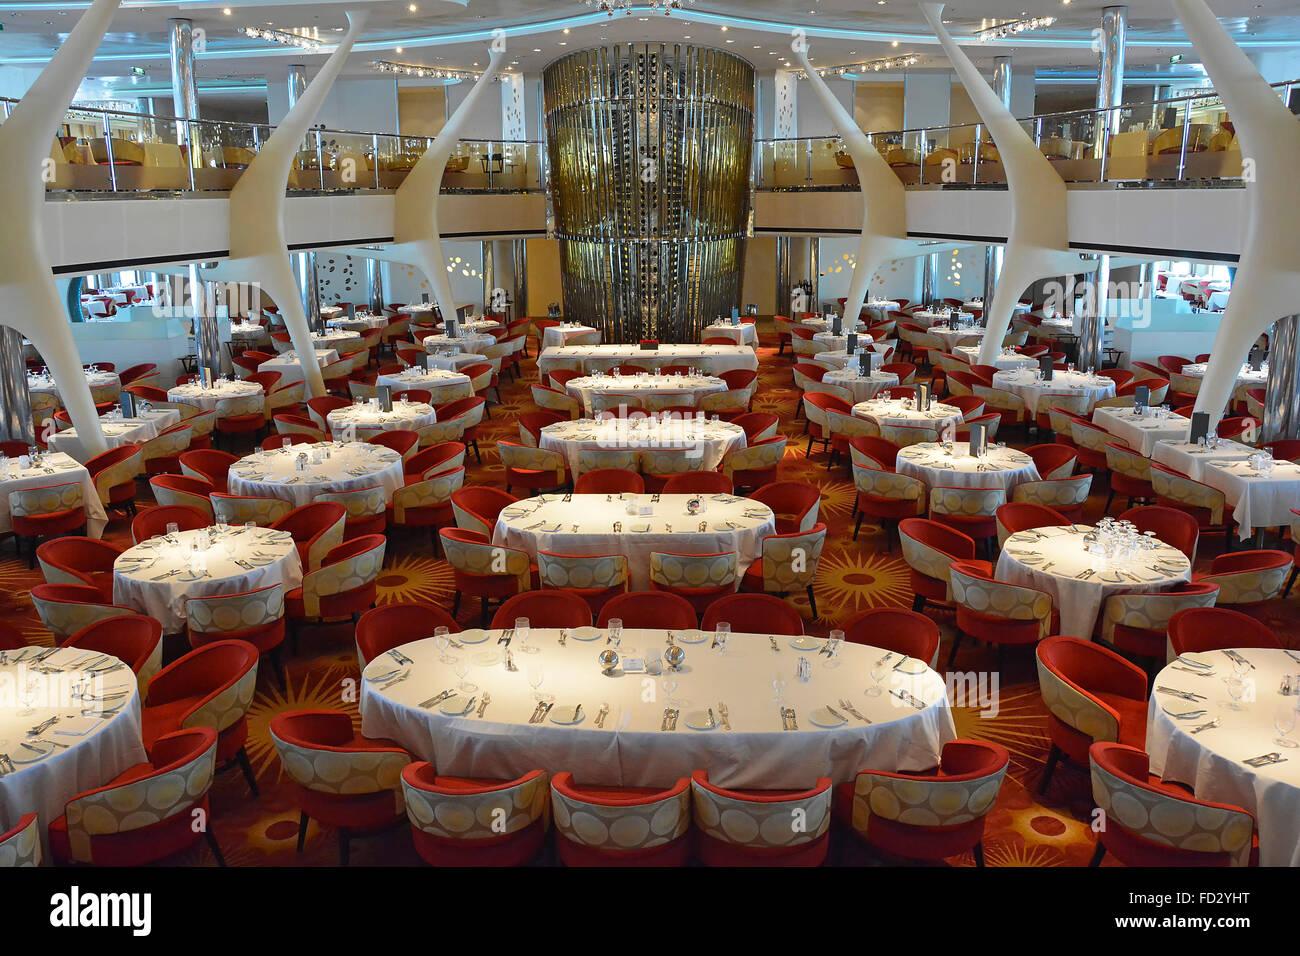 Bateau de croisière restaurant tables établies pour les repas du soir Photo Stock